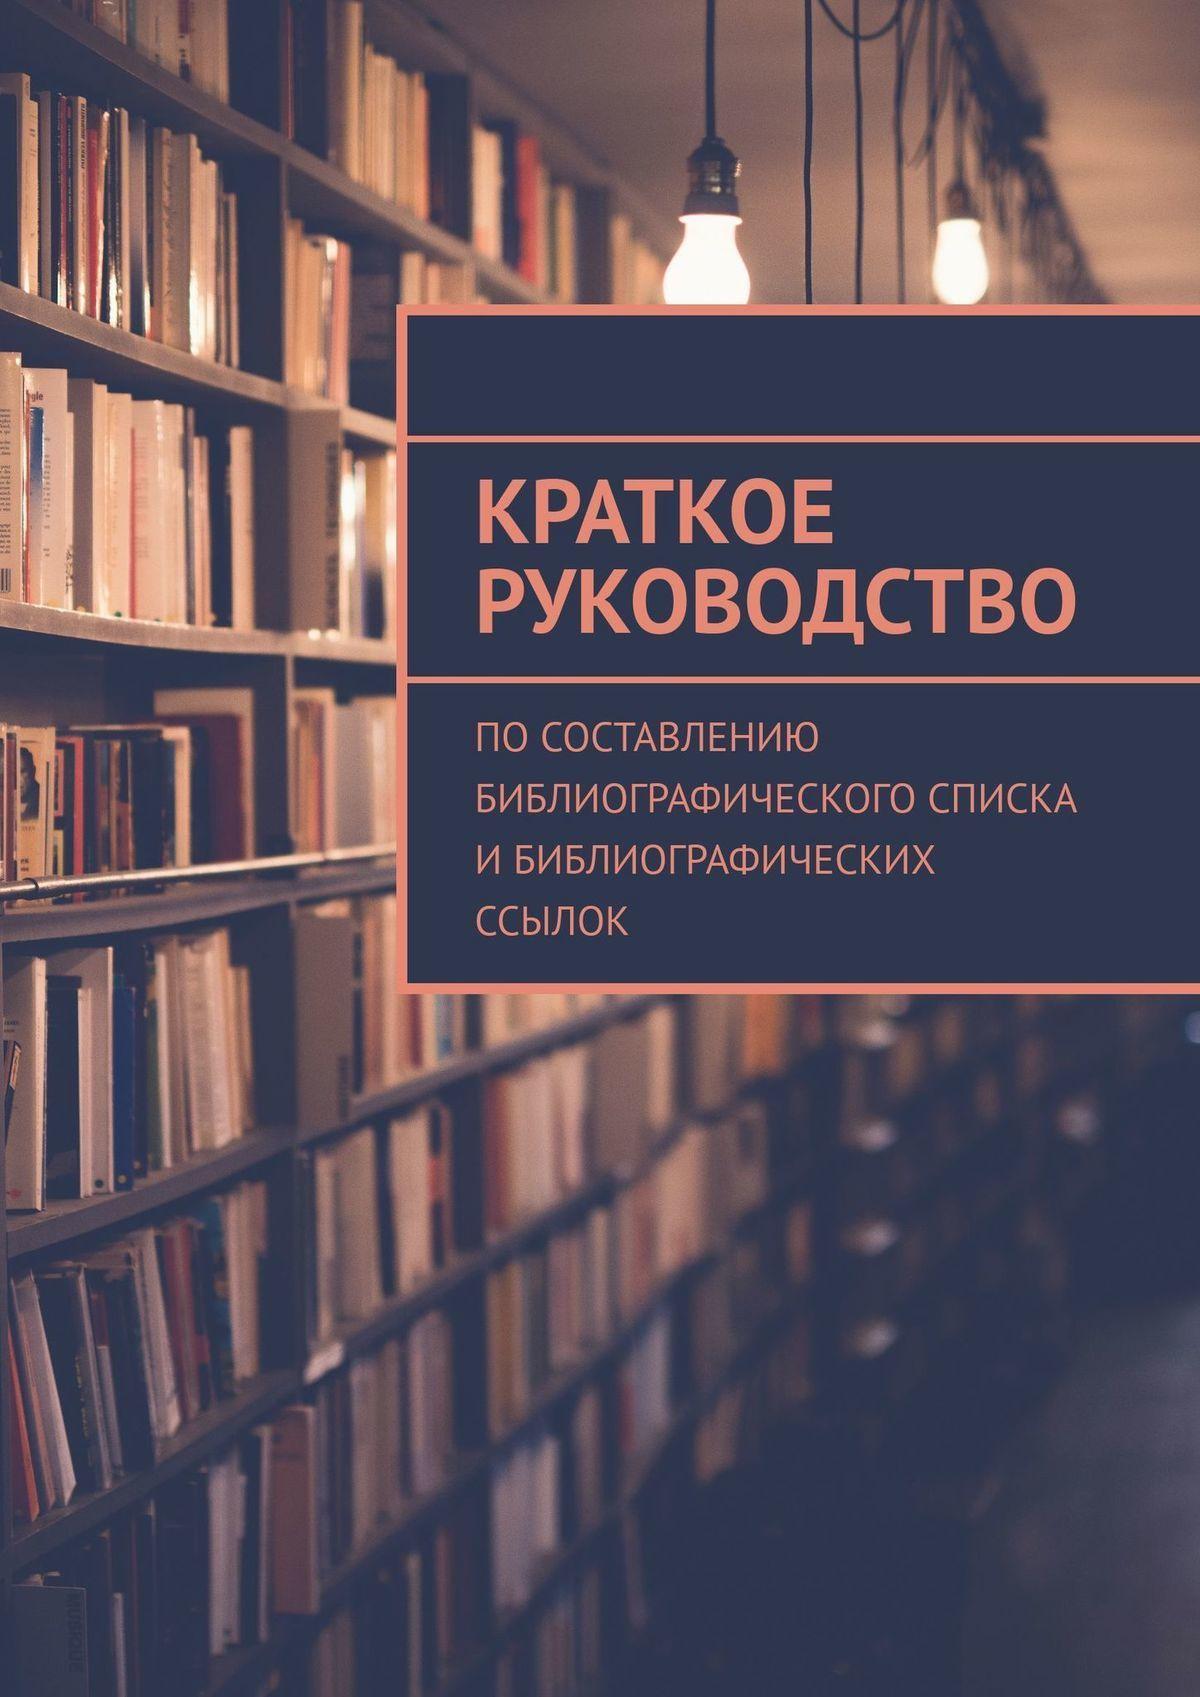 Краткое руководство посоставлению библиографического списка ибиблиографических ссылок